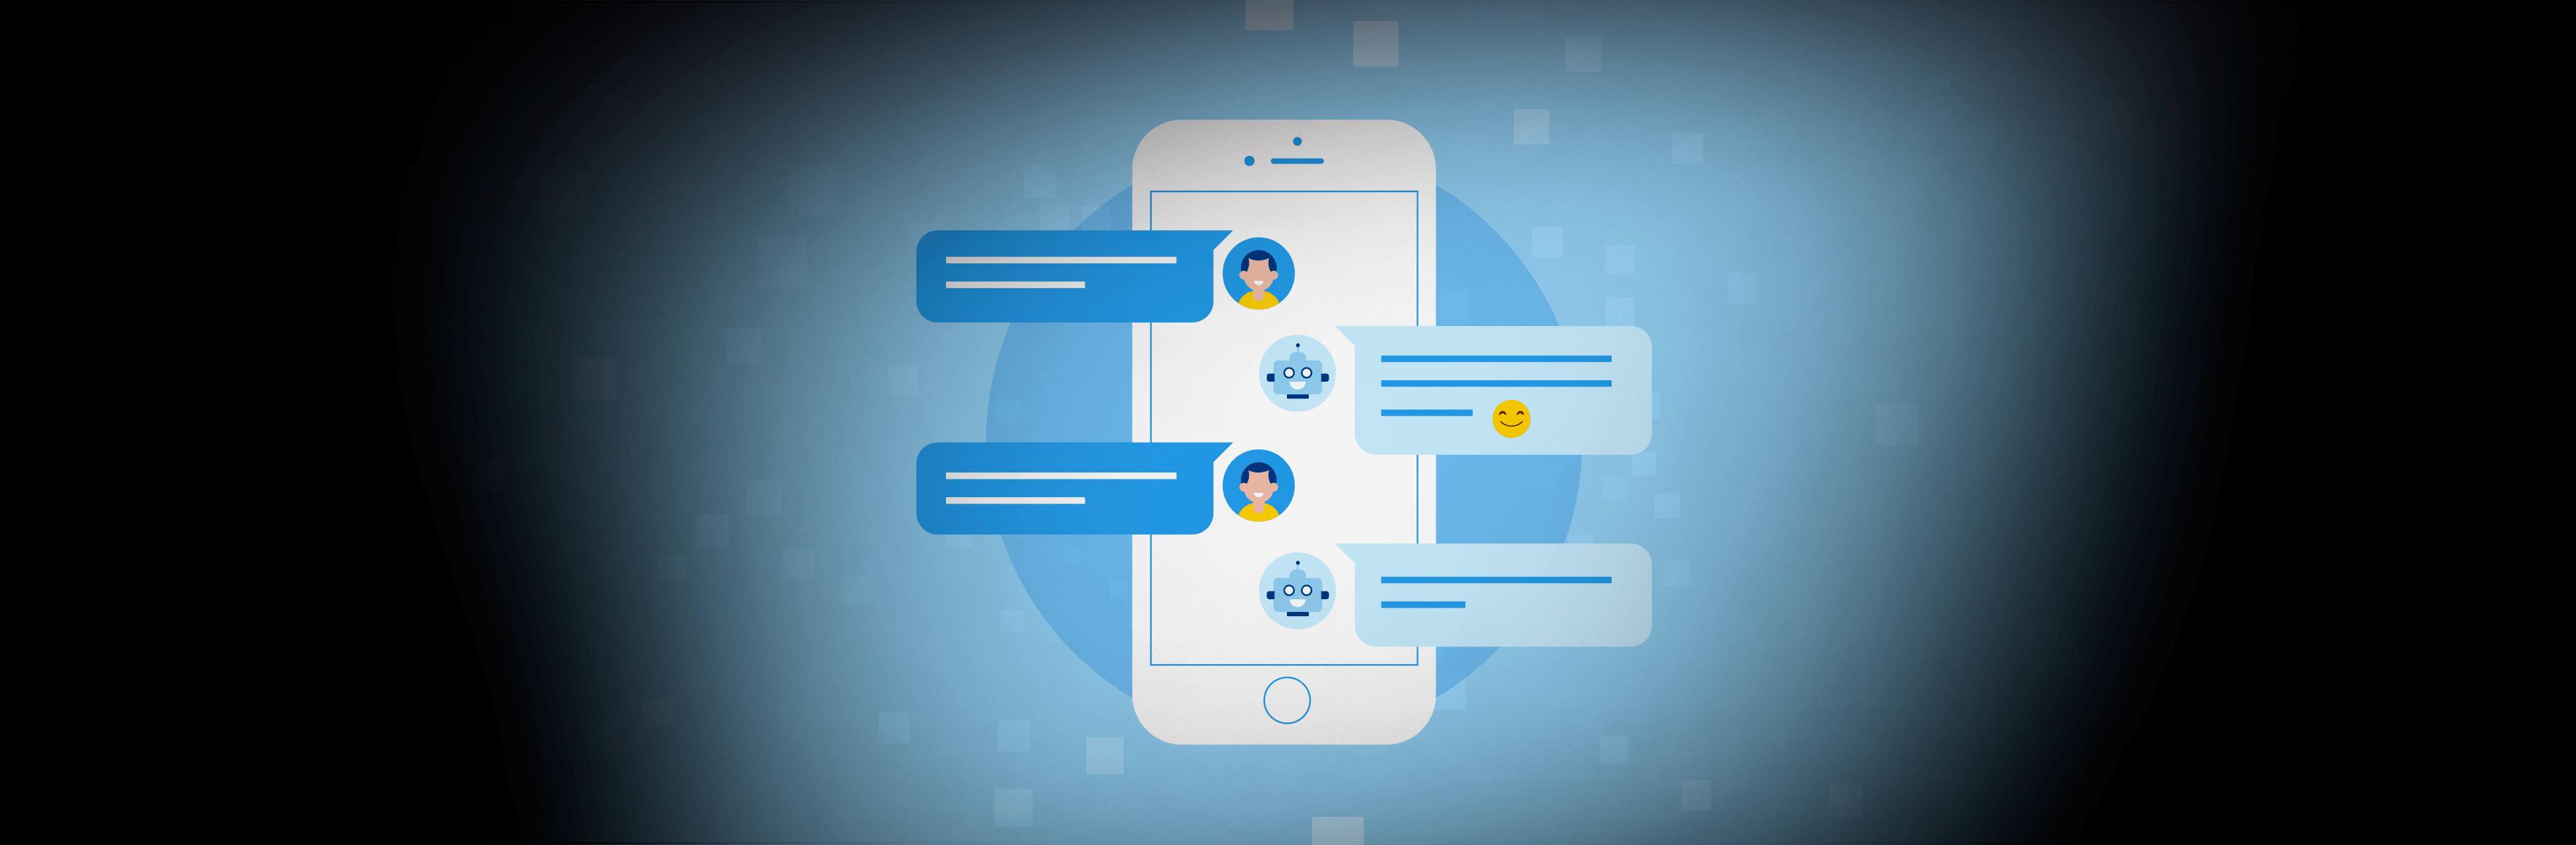 Marketing de conteúdo: como nutrir um lead gerado através do chatbot